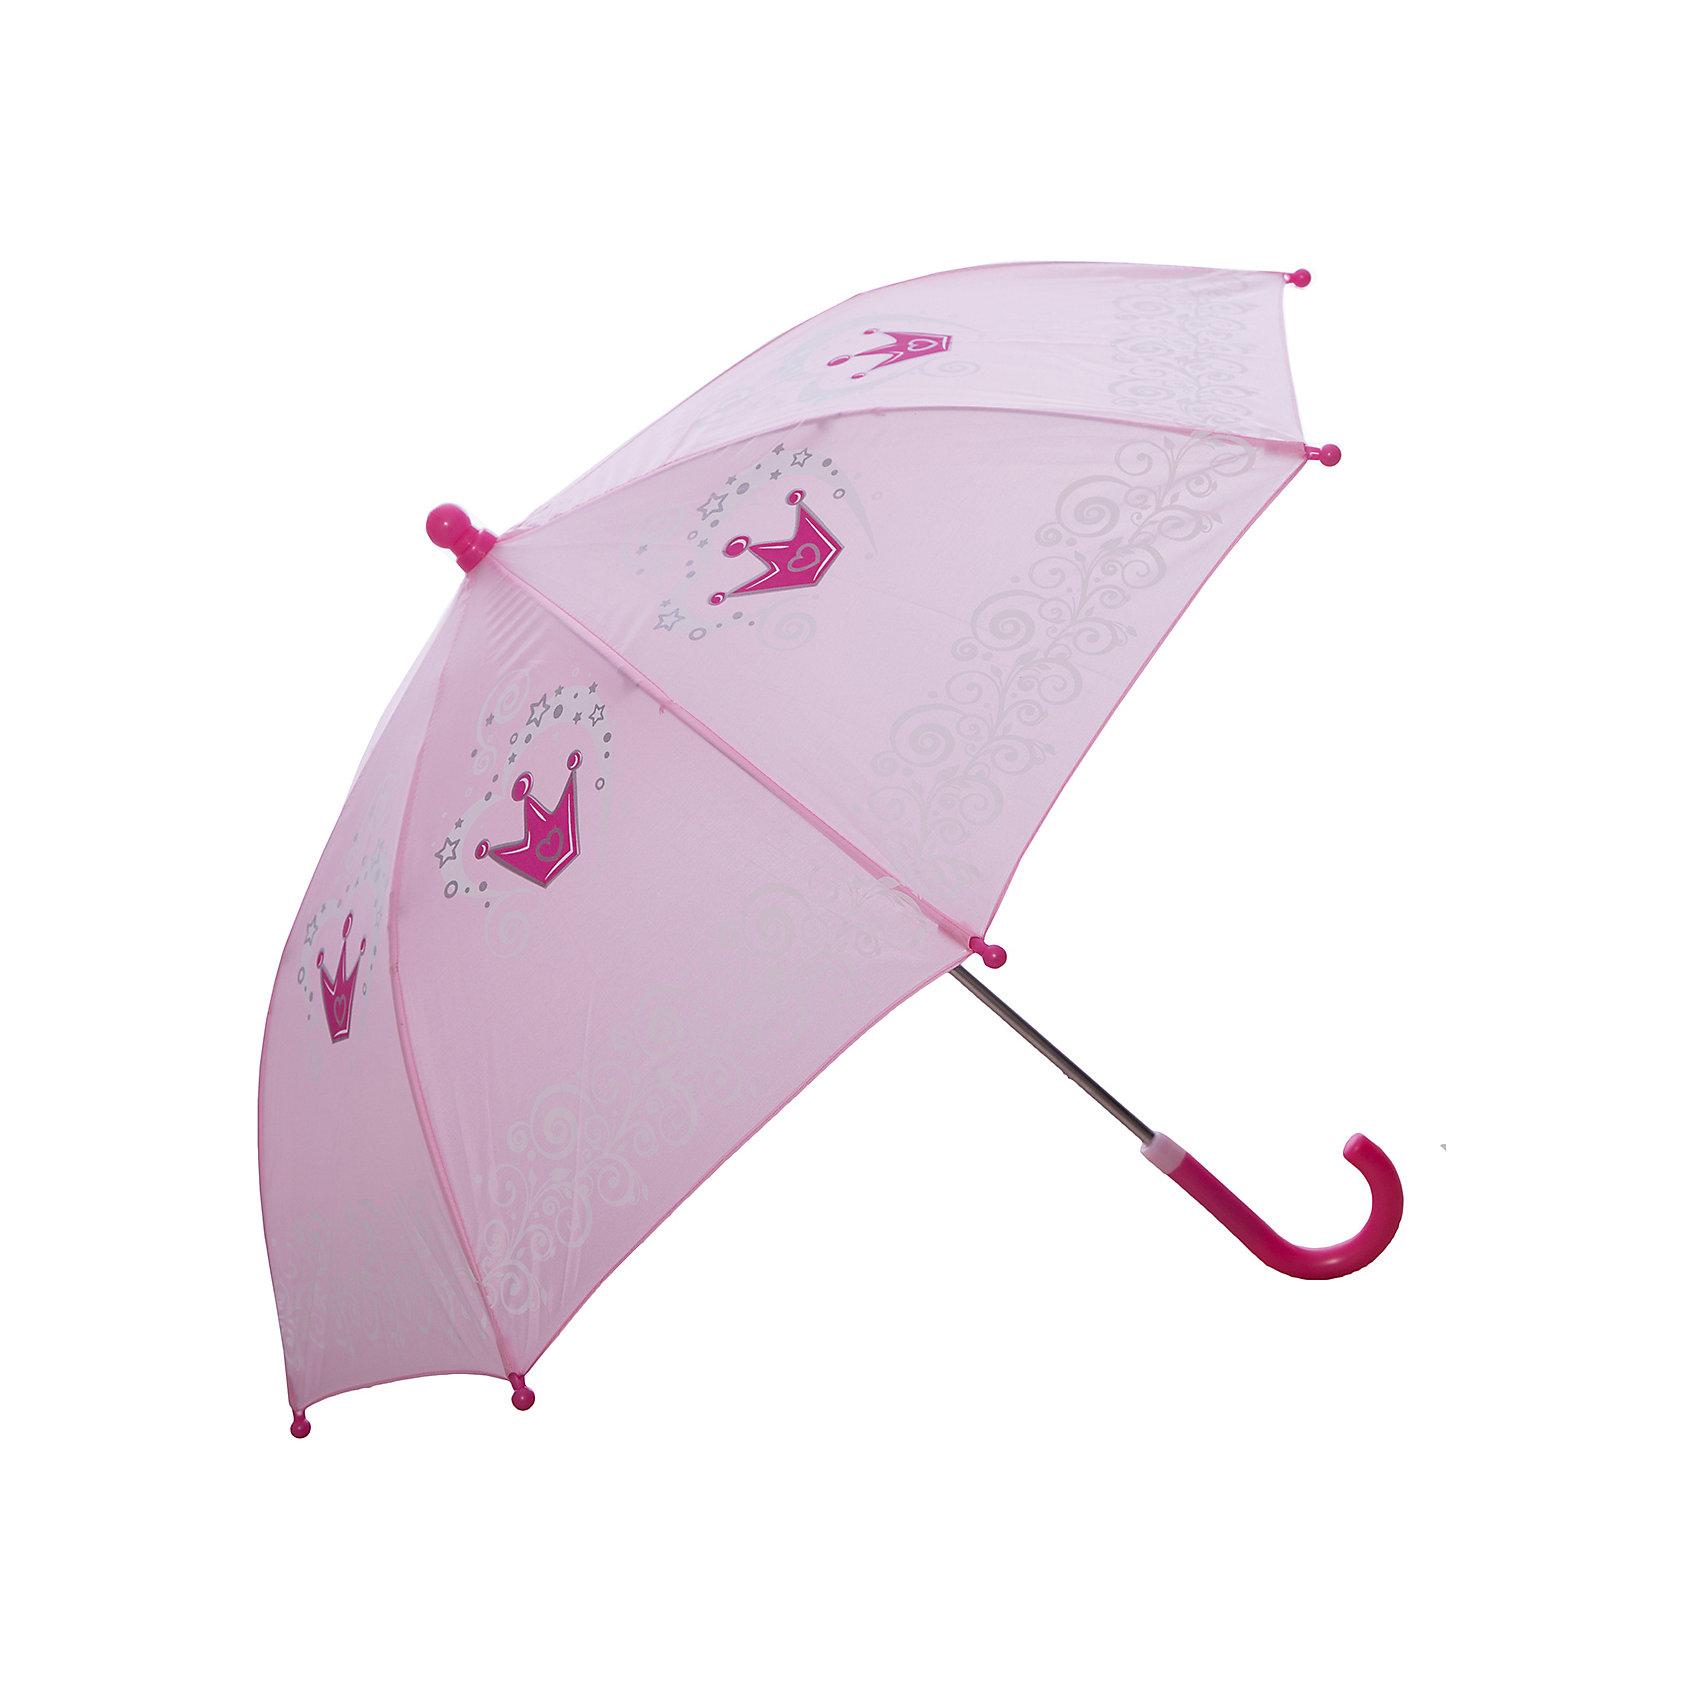 Зонт детский Корона, 41 см.Зонты детские<br>Яркий и удобный зонтик для малышей Корона. Радиус: 41 см. Длина ручки: 57 см.<br><br>Ширина мм: 560<br>Глубина мм: 400<br>Высота мм: 800<br>Вес г: 200<br>Возраст от месяцев: 36<br>Возраст до месяцев: 2147483647<br>Пол: Женский<br>Возраст: Детский<br>SKU: 5508514